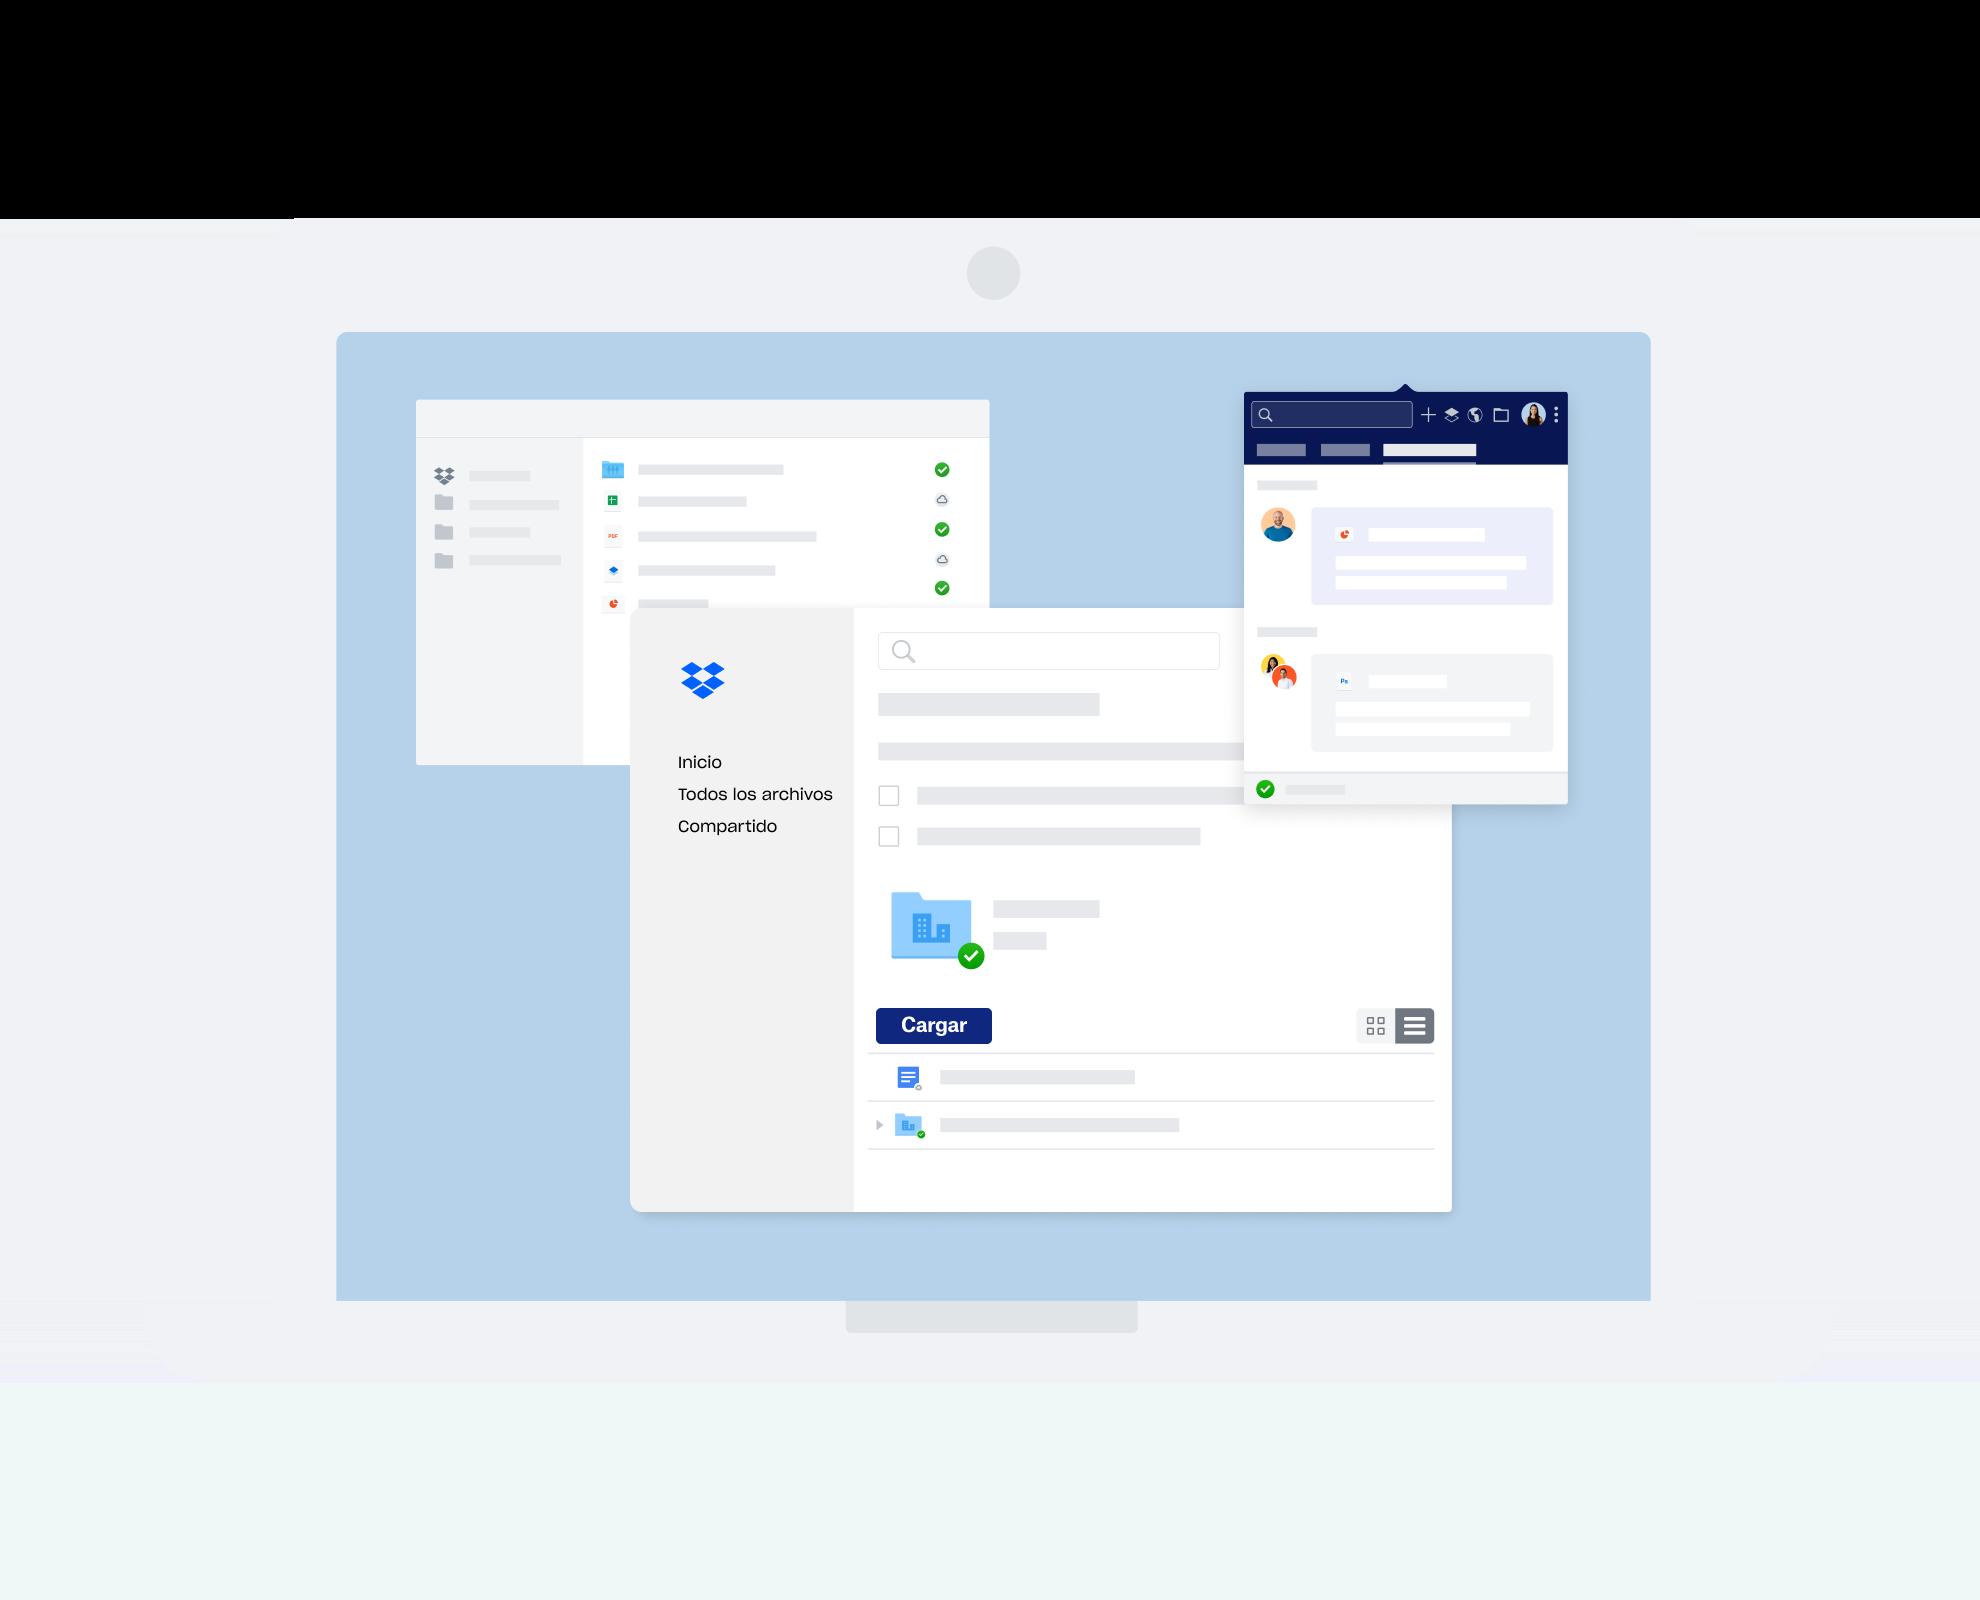 Diferentes interfaces de Dropbox para la comunicación y la colaboración